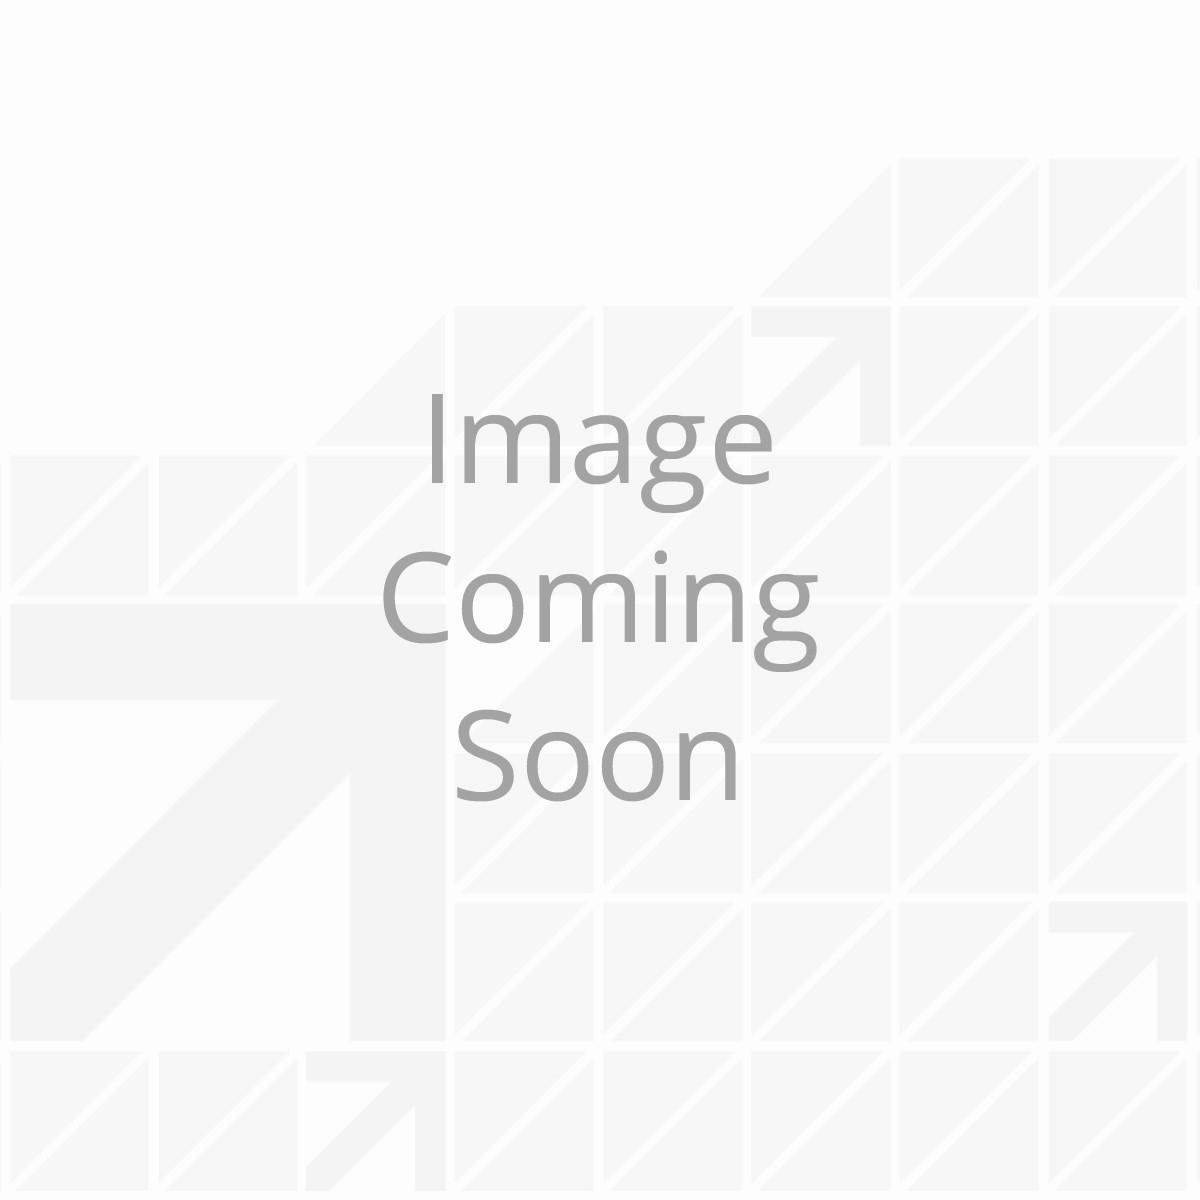 1010 Low VOC Non-Sag Sealant - Various Colors (10.3 Oz. Tube)